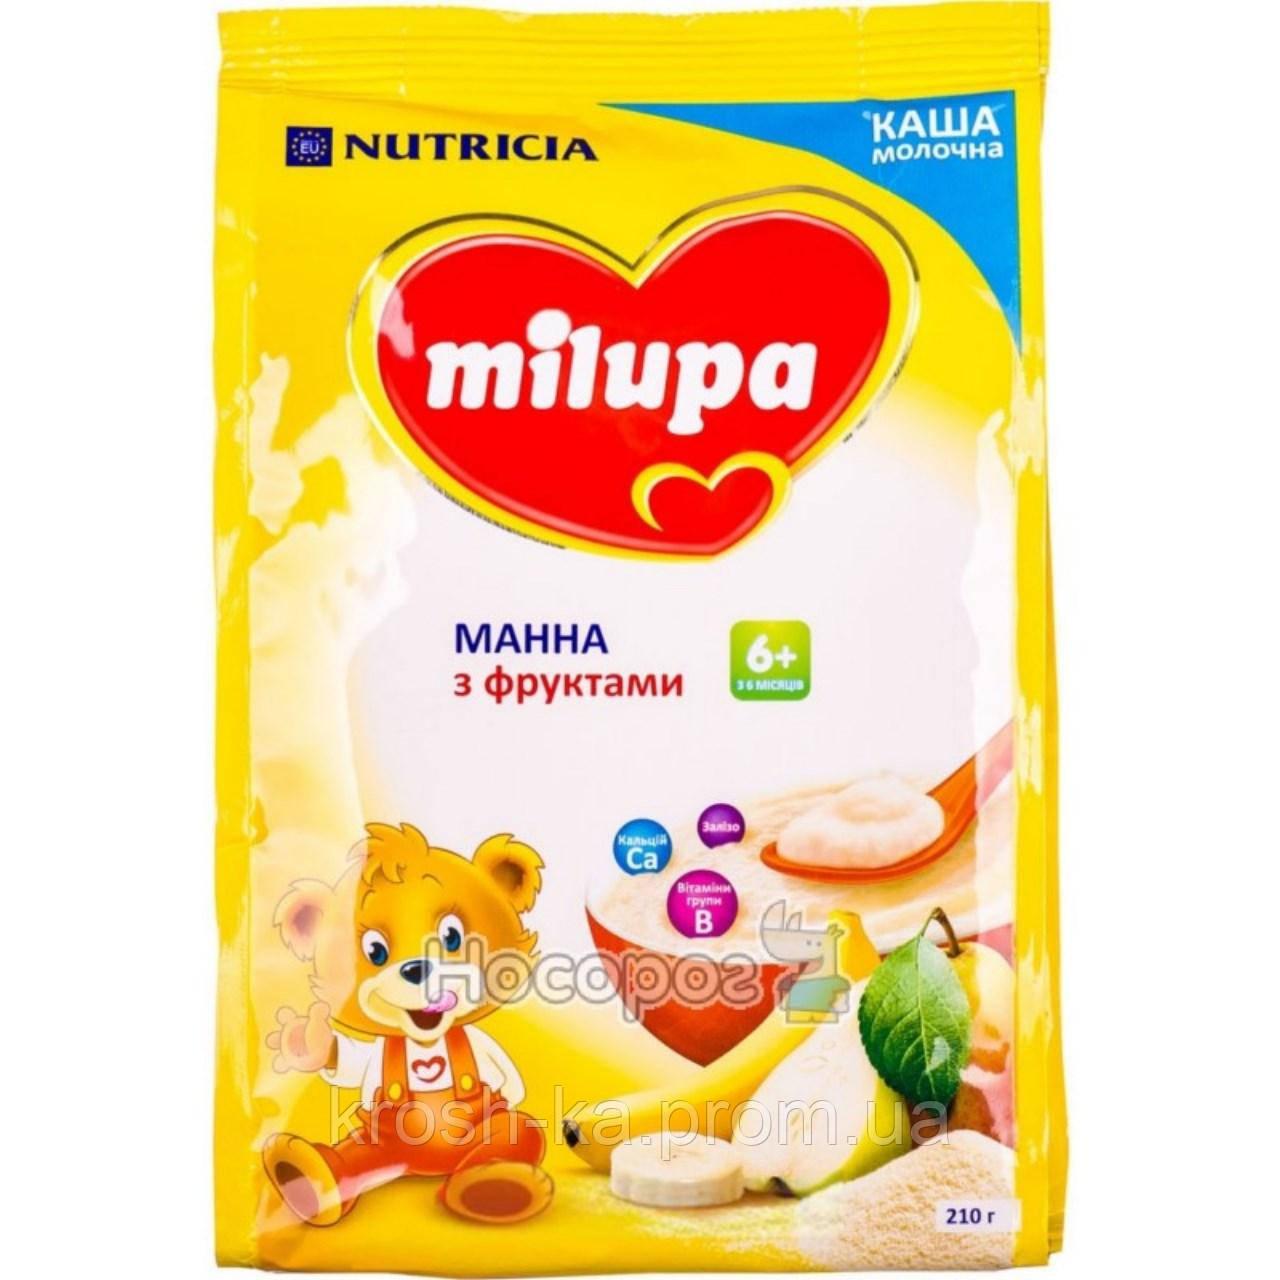 Каша молочная манная с фруктами 6м+ 210г Milupa Nutricia 115392